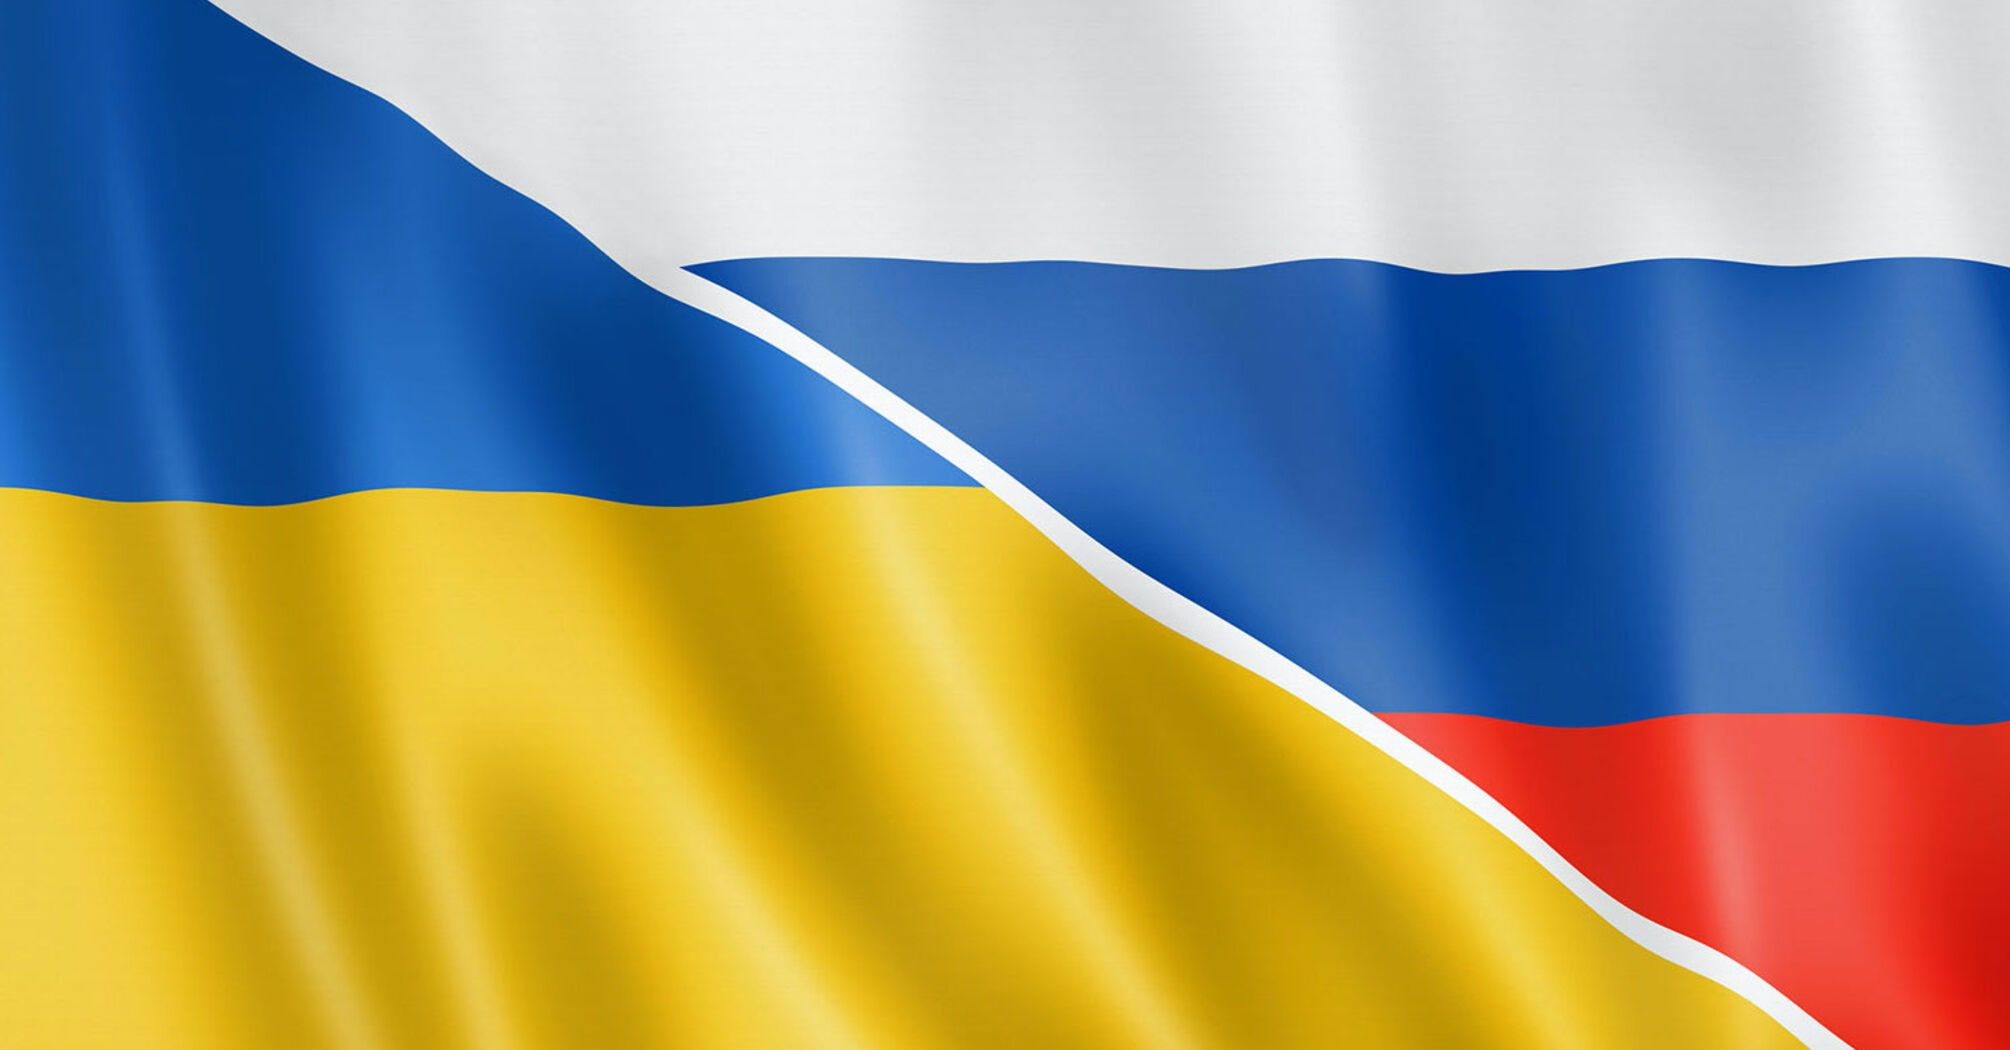 Россия ввела новые санкции против украинских компаний: список